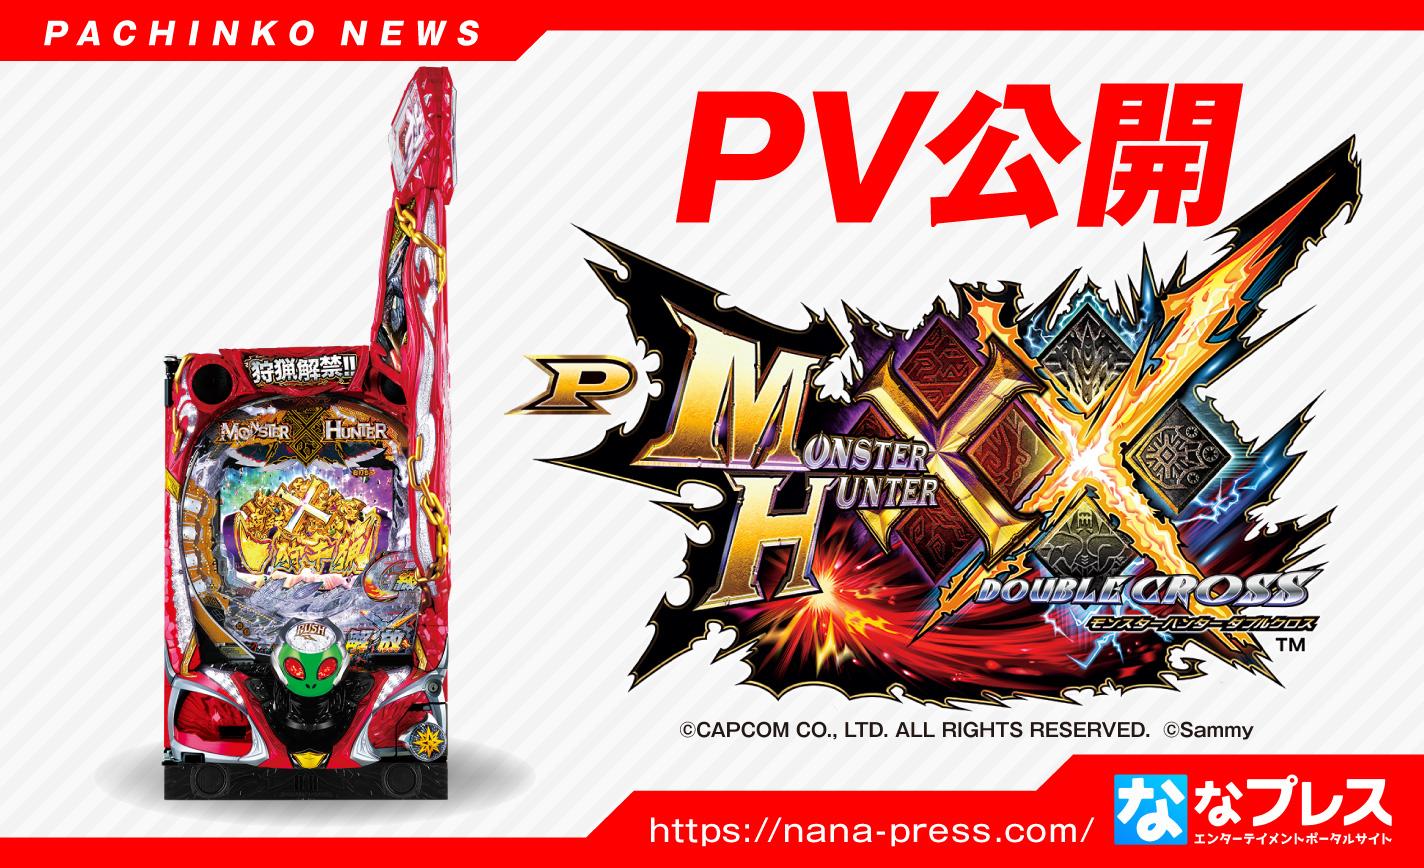 【Pモンスターハンター ダブルクロス】人気機種最新作のPVが公開!かつてない「塊」がループする!? eyecatch-image